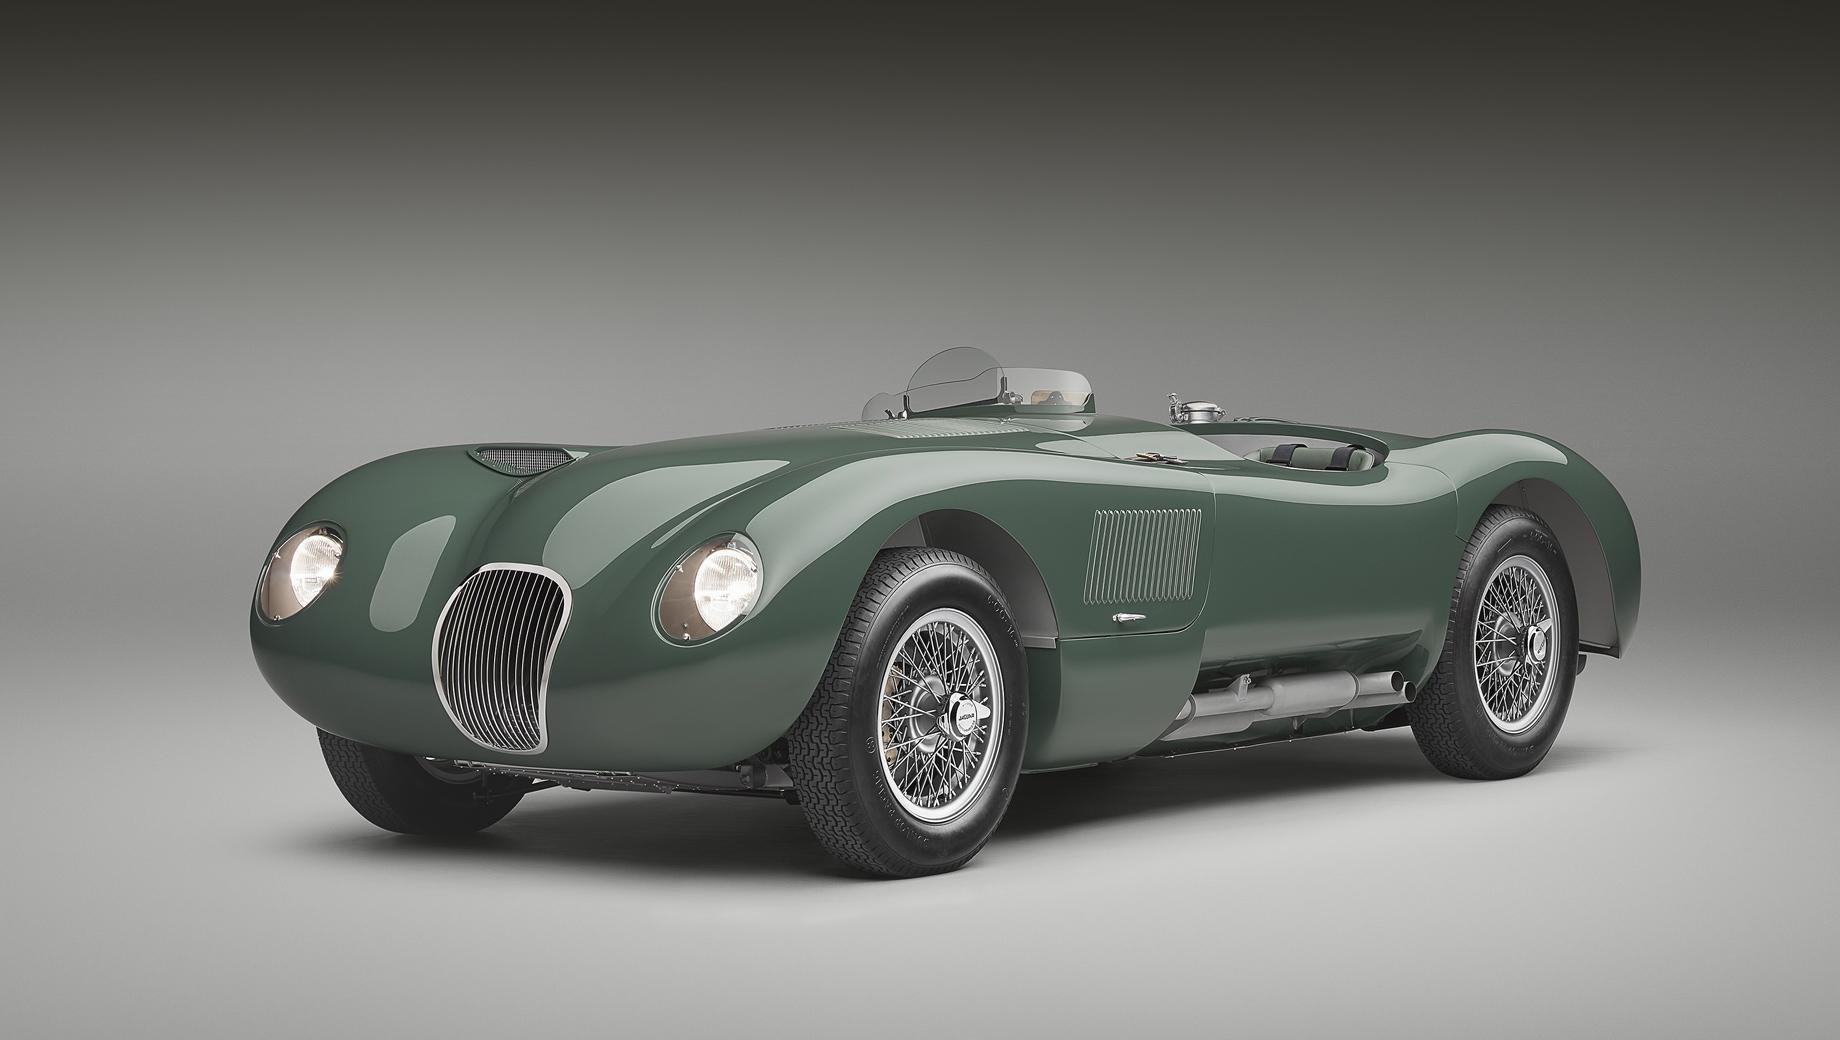 Jaguar c-type. Автомобиль показан на публике в рамках выставки Concours of Elegance (3–5 сентября), проходящей во дворце Хэмптон-Корт (Лондон). Для воспроизведения оригинала были использованы как архивные документы компании, так и современные методы компьютерного 3D-моделирования.